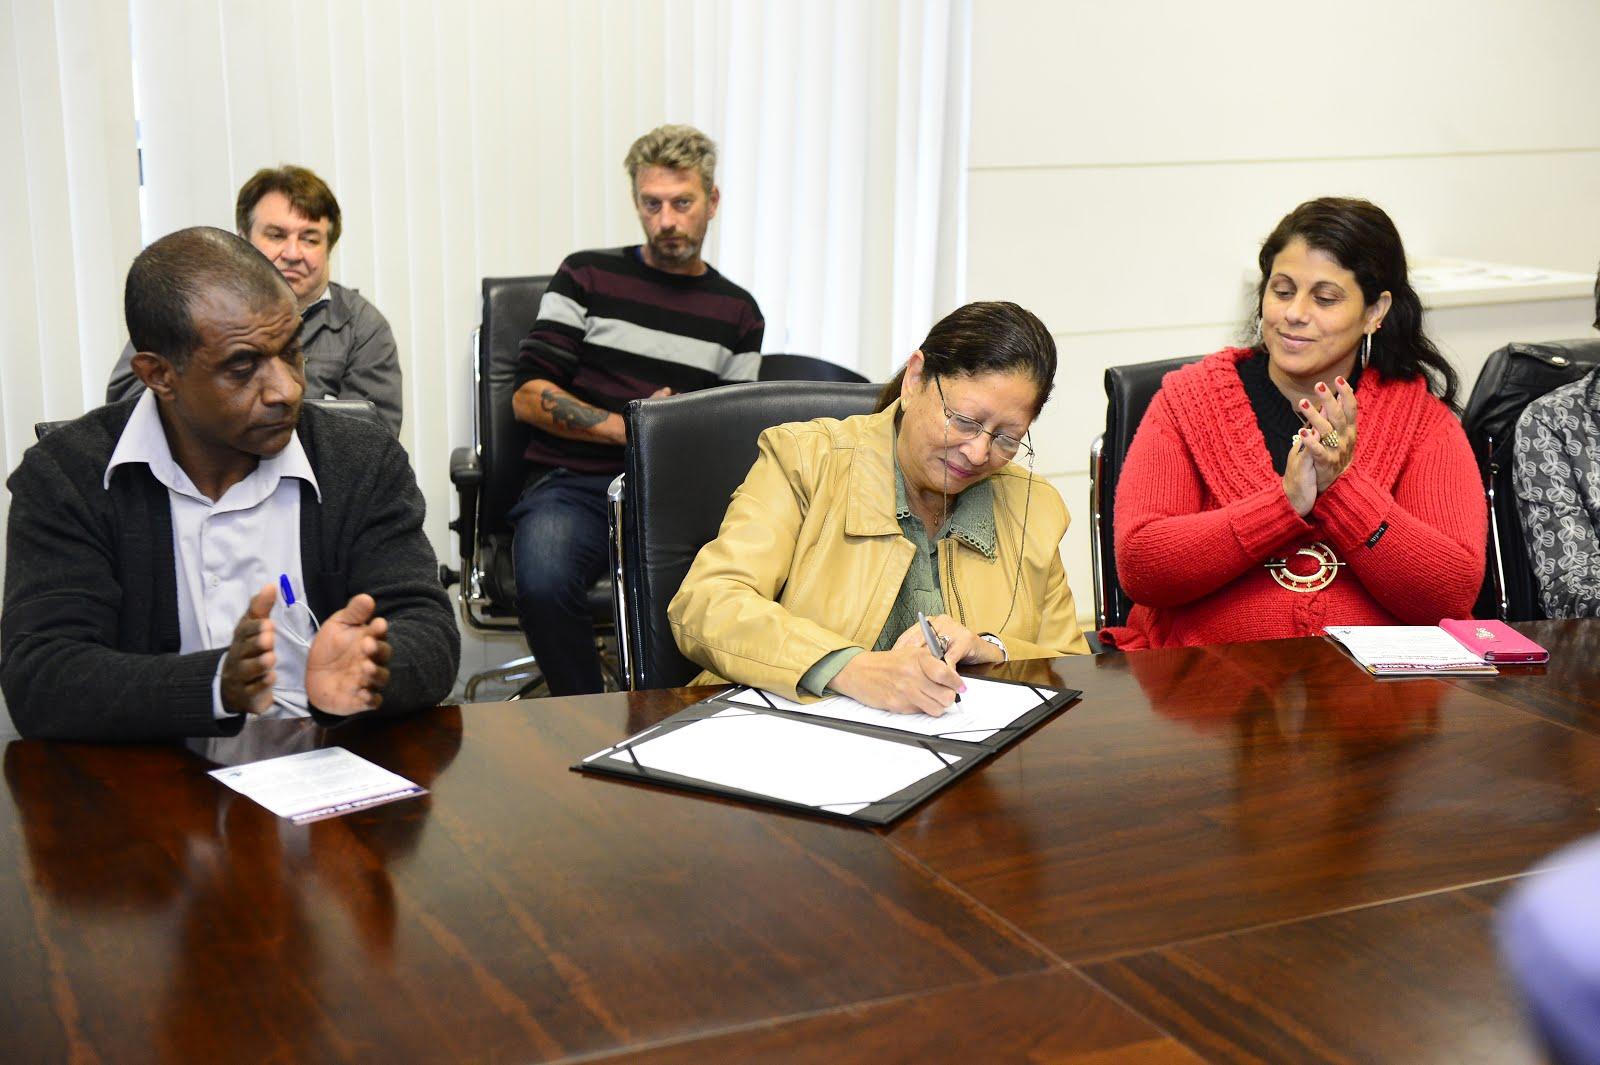 Presidente do Conselho Municipal da Comunidade Negra de Caxias do Sul assinando documento da Rede